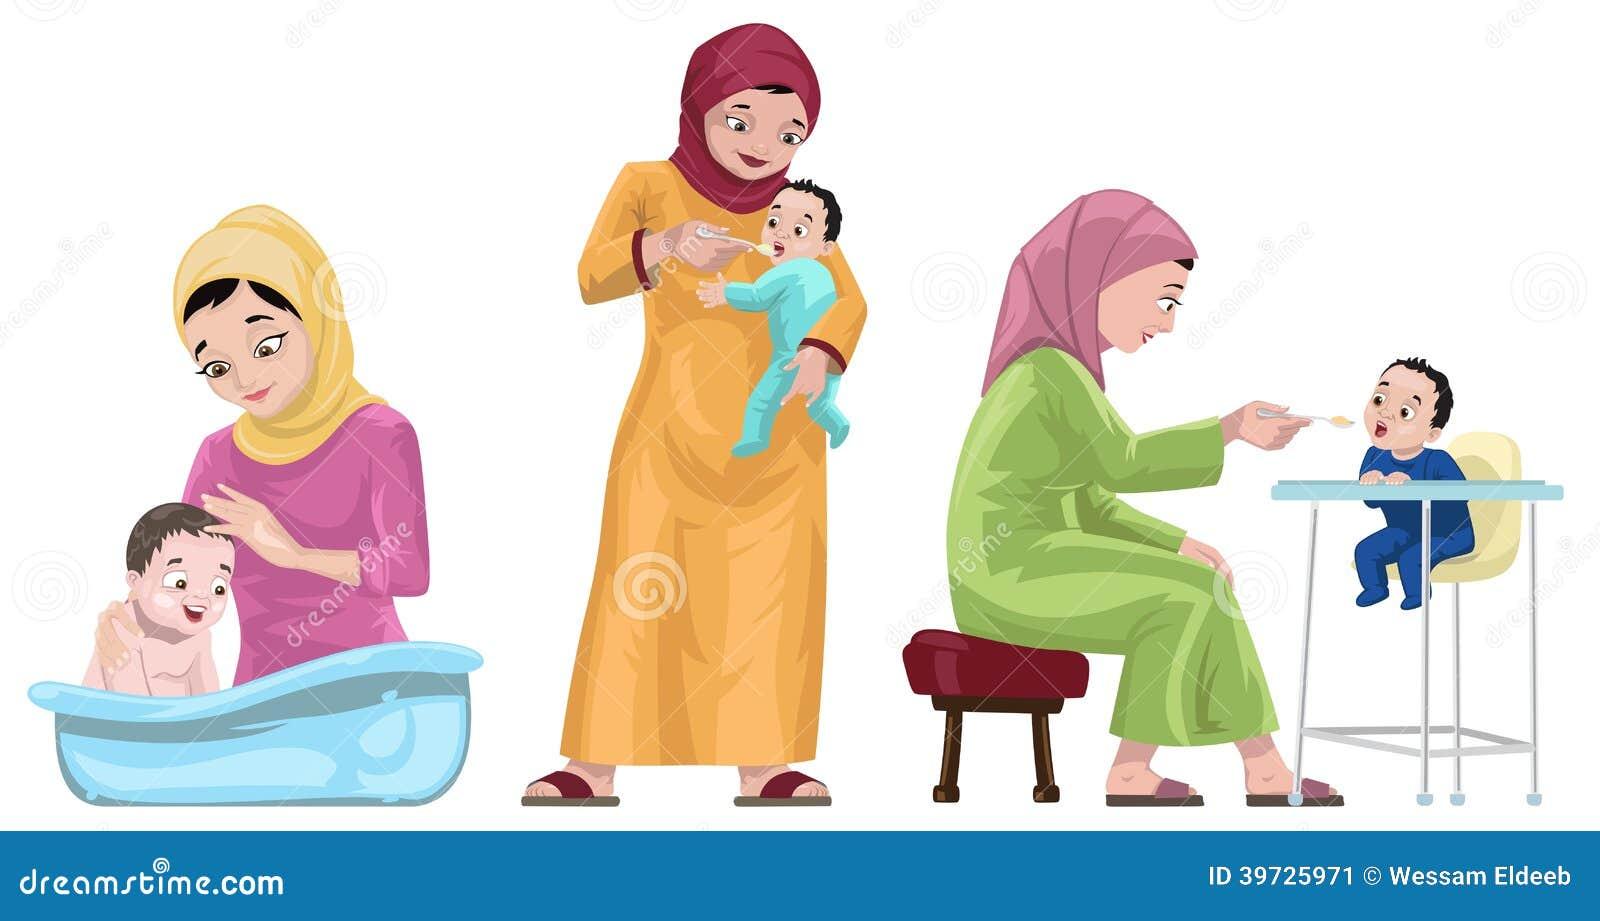 Muslim grandma and arab suck and cum and muslim horny guy and arab girl 4